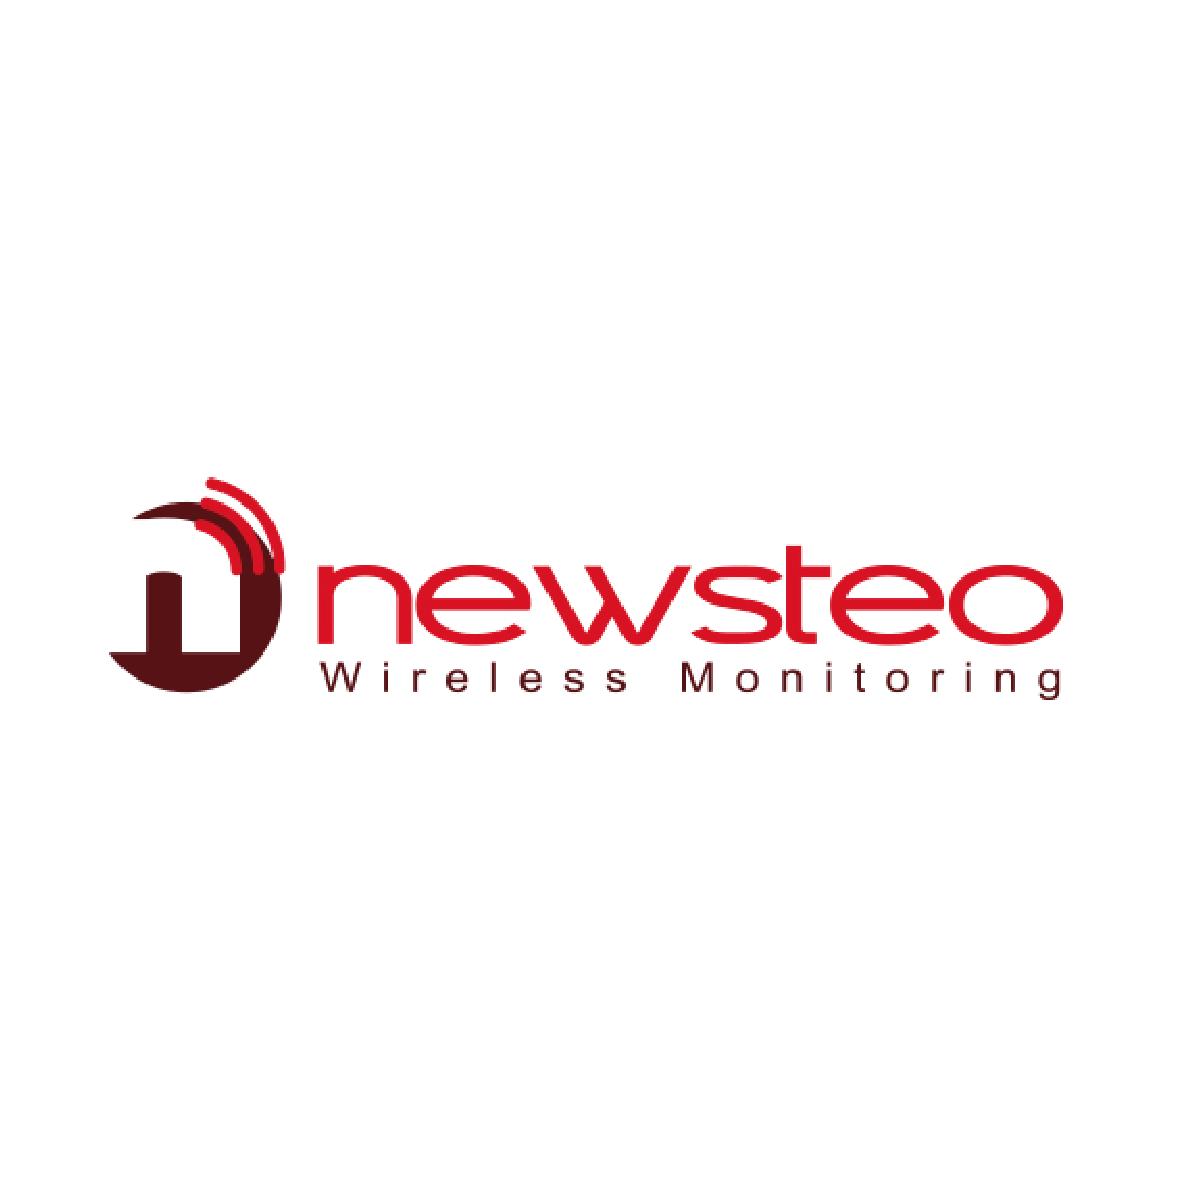 Newsteo